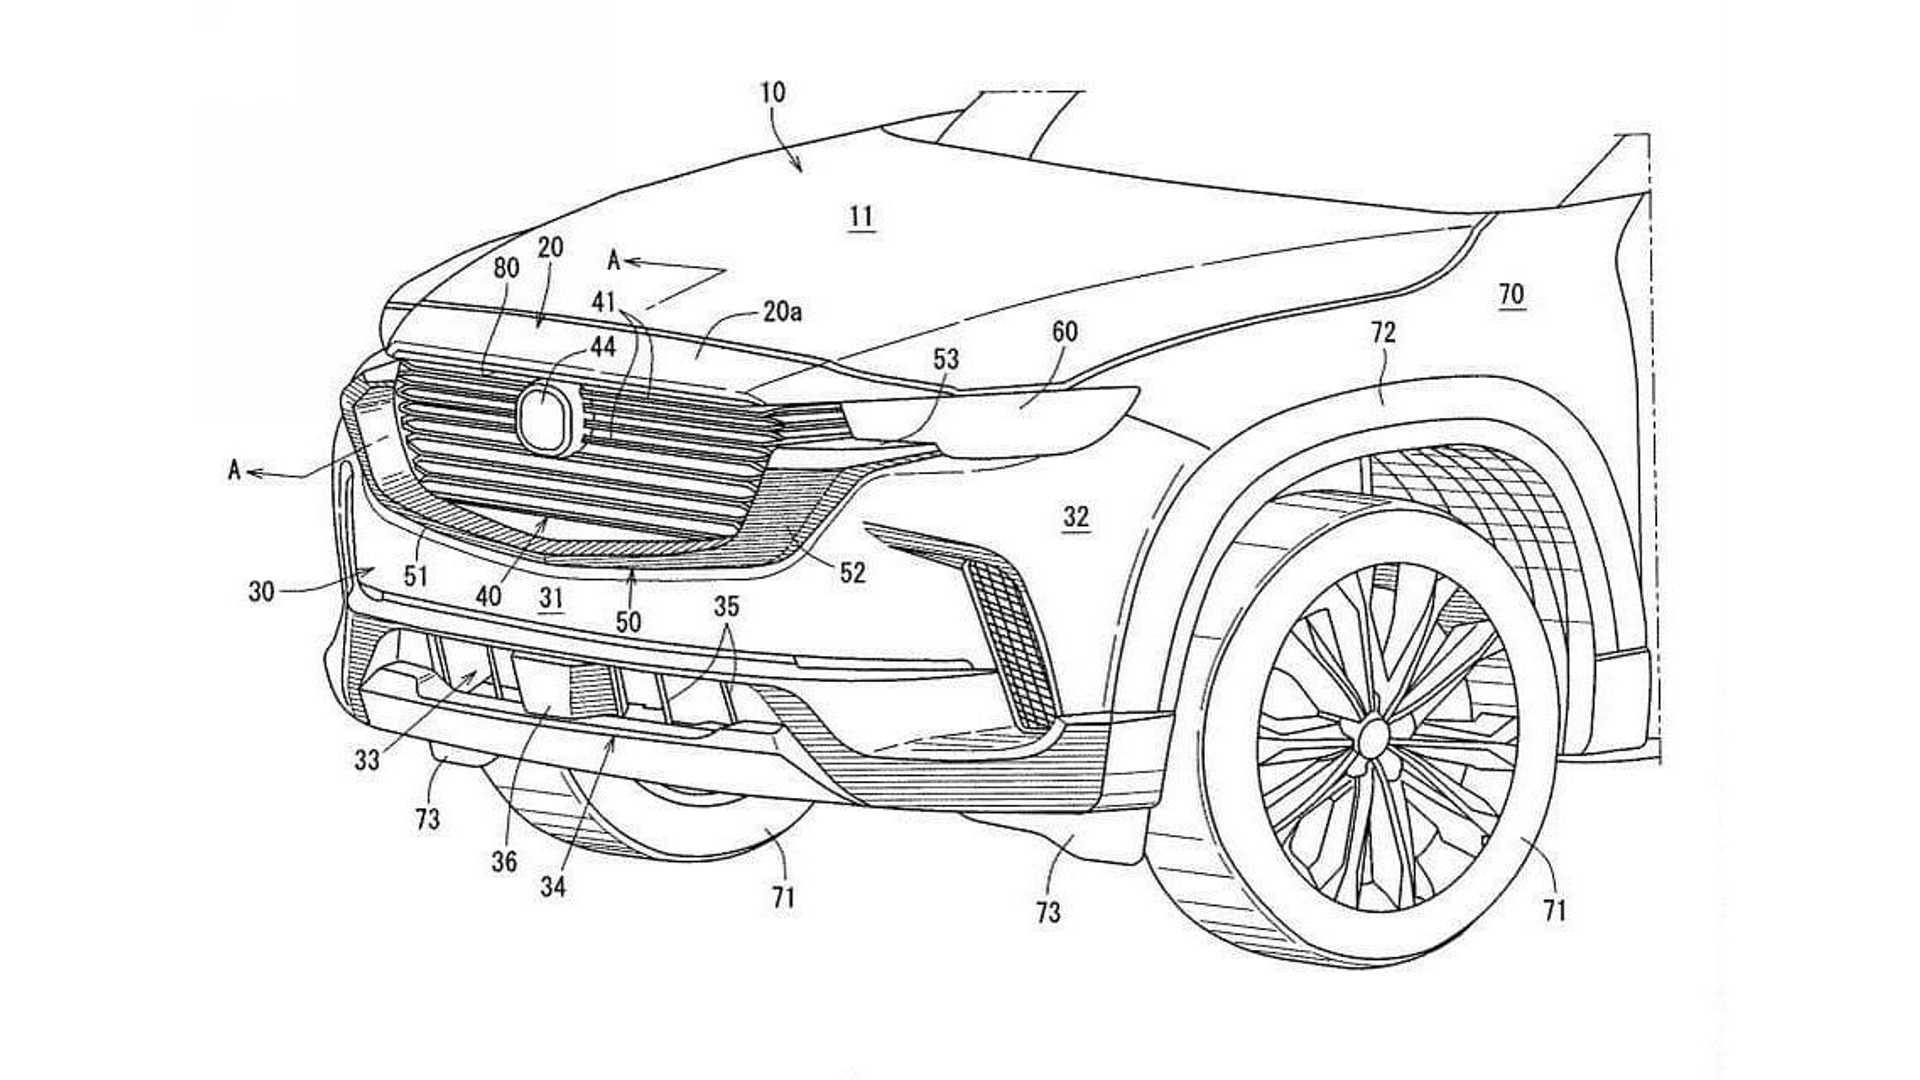 Появились патентные рисунки, на которых показан некий вседорожник. Внешность позволяет предположить, что это модель Мазды, но какая именно, неясно. Больше всего на эту роль подходит грядущий CX‑50, анонсированный неделю назад самим производителем.